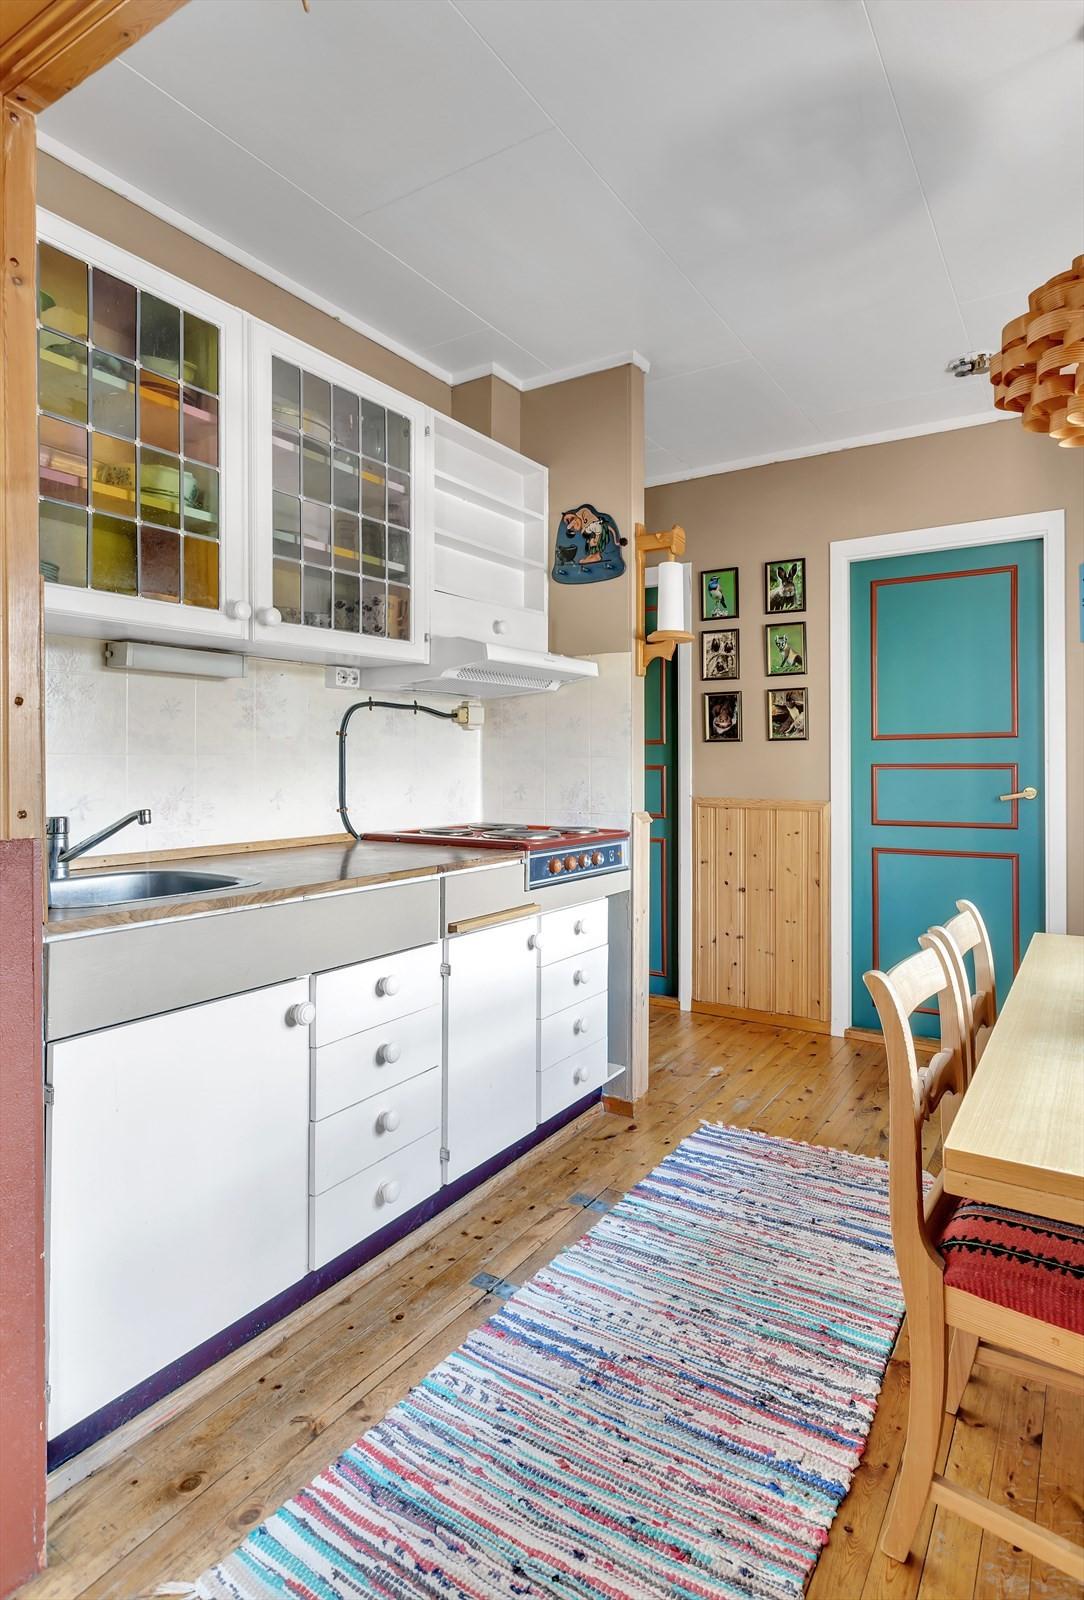 Kjøkken med hvite fronter.